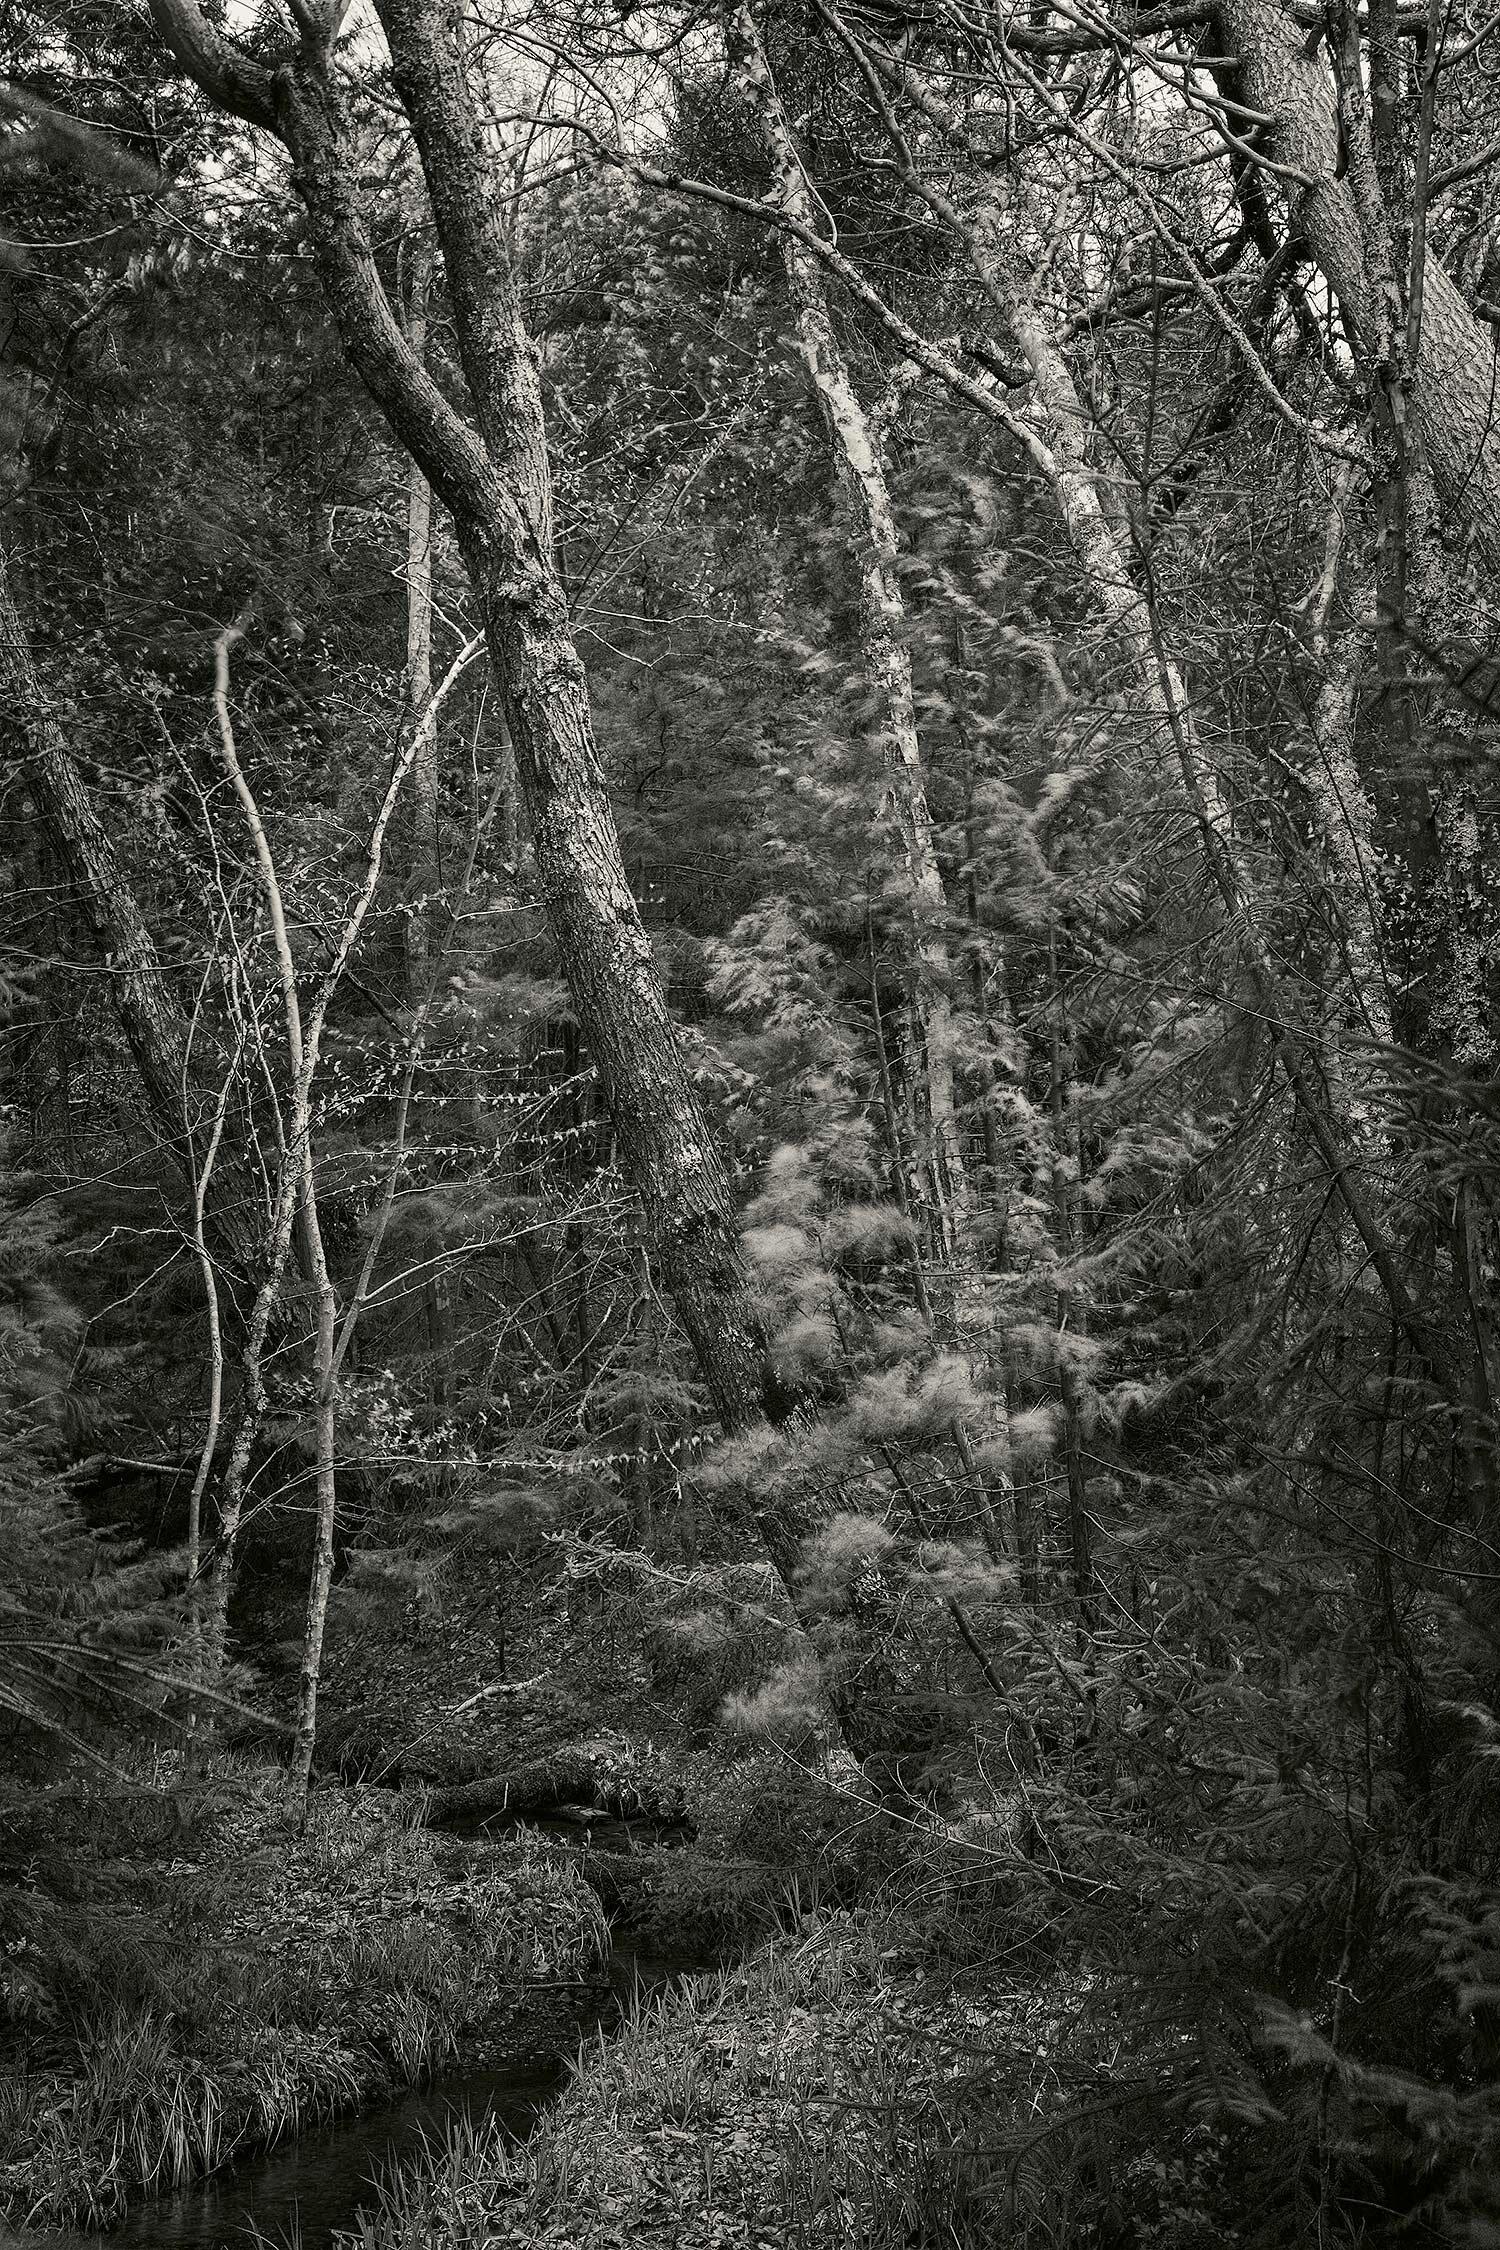 Trees at Long Pond, Acadia, 2016